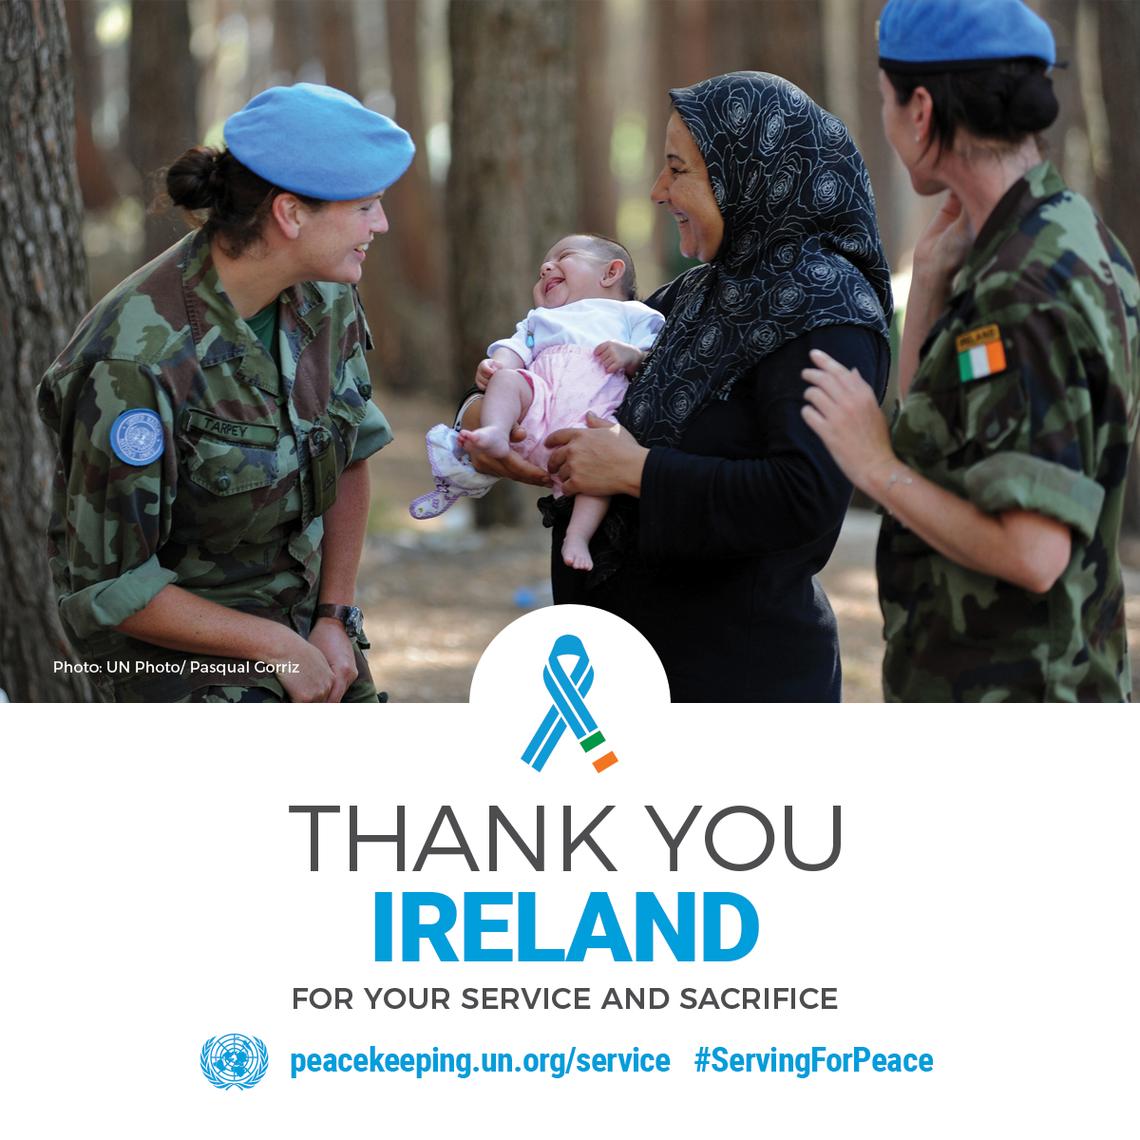 Personal de Mantenimiento de la Paz con una mujer y su bebé.